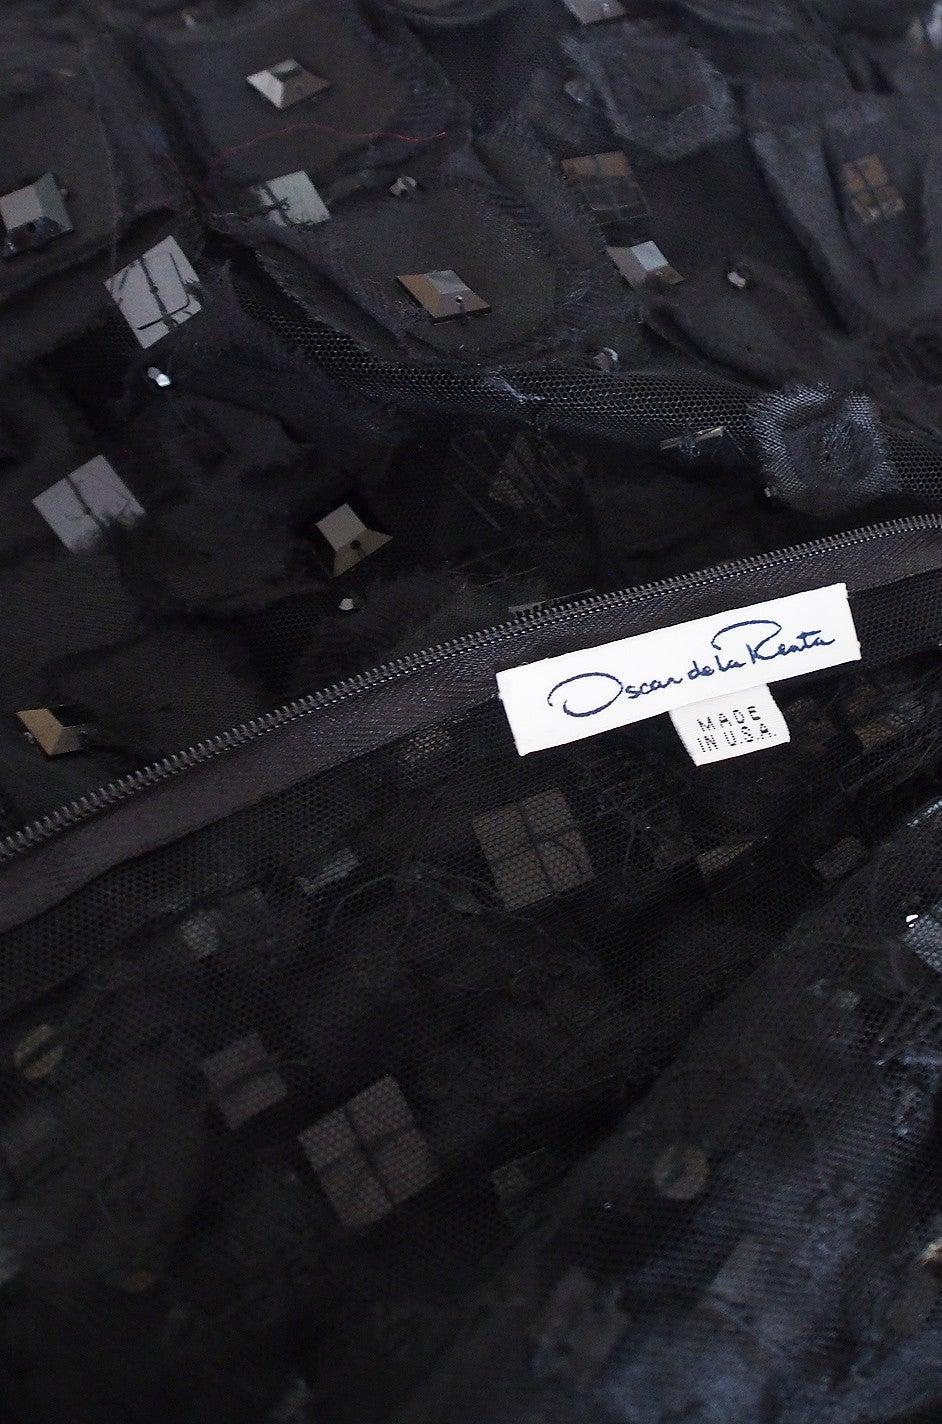 2009 Resort Lace Watteau Oscar De La Renta Dress For Sale 1